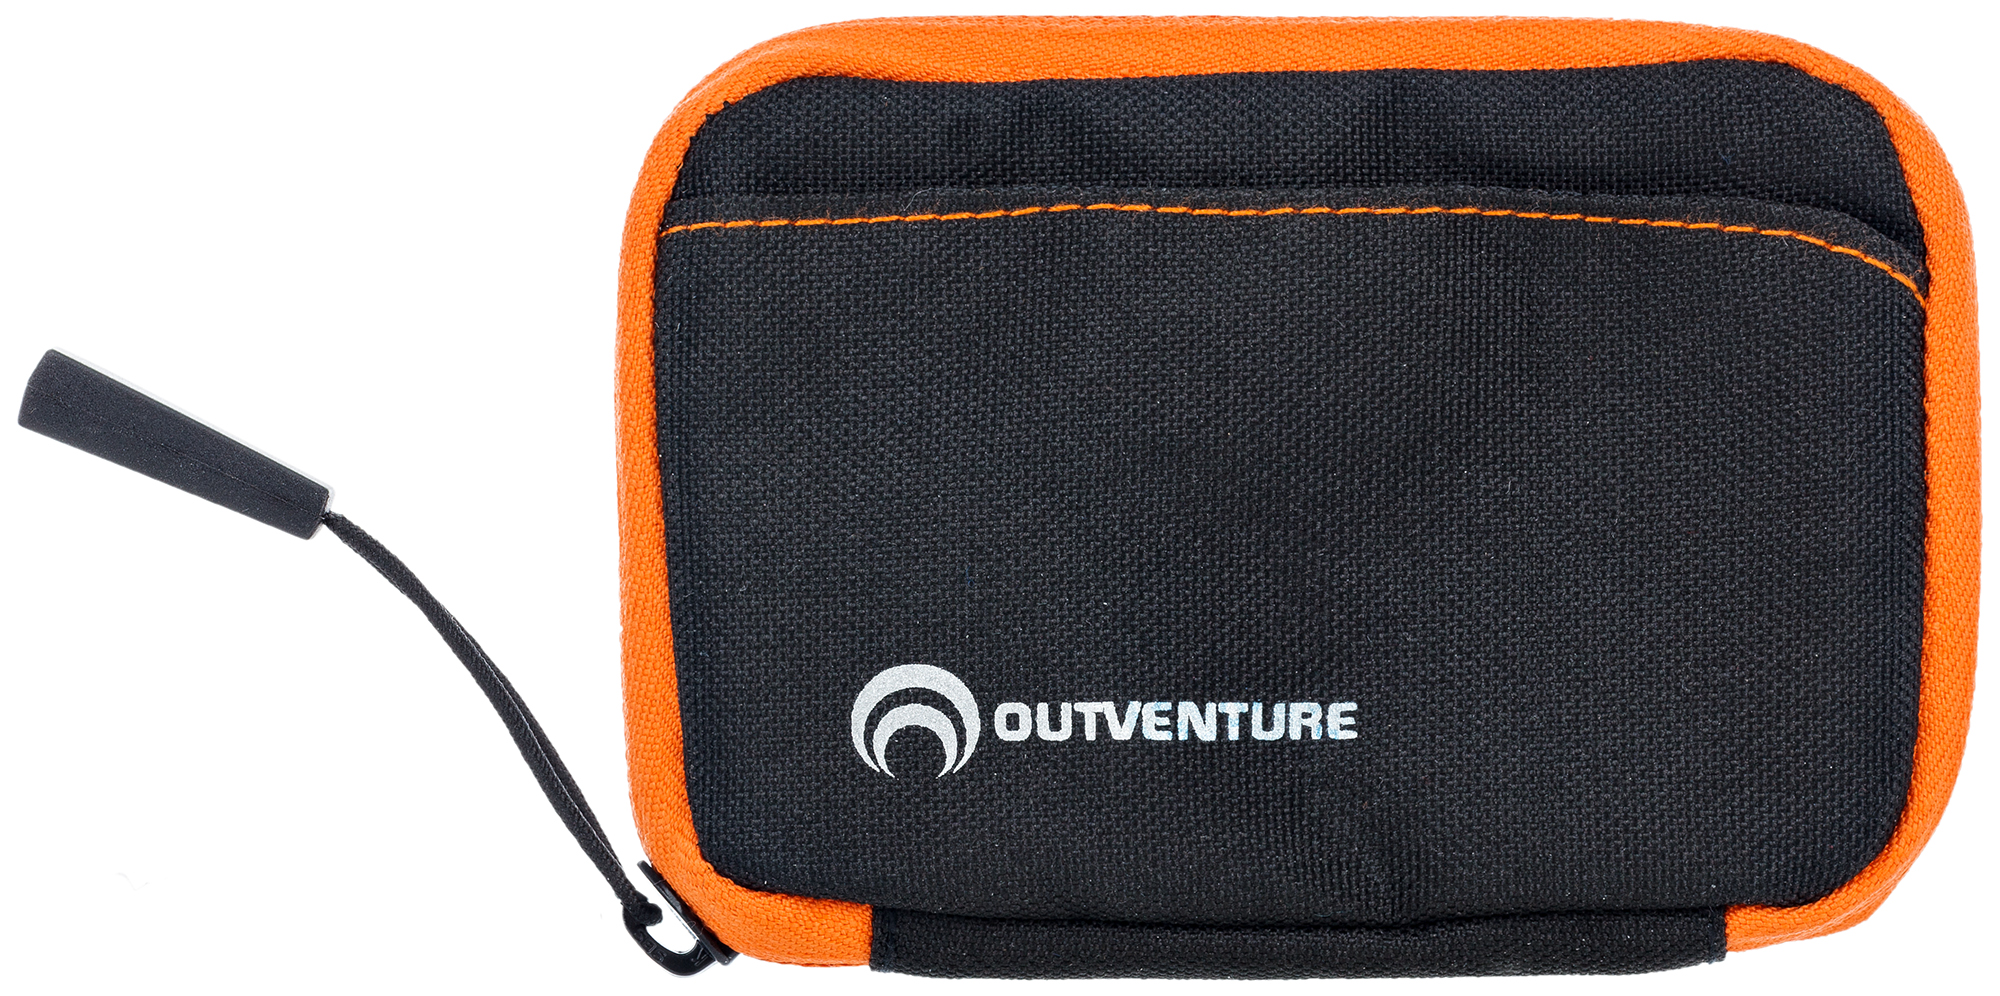 Outventure Органайзер Outventure Coin органайзер handsel handsel mp002xu00vml